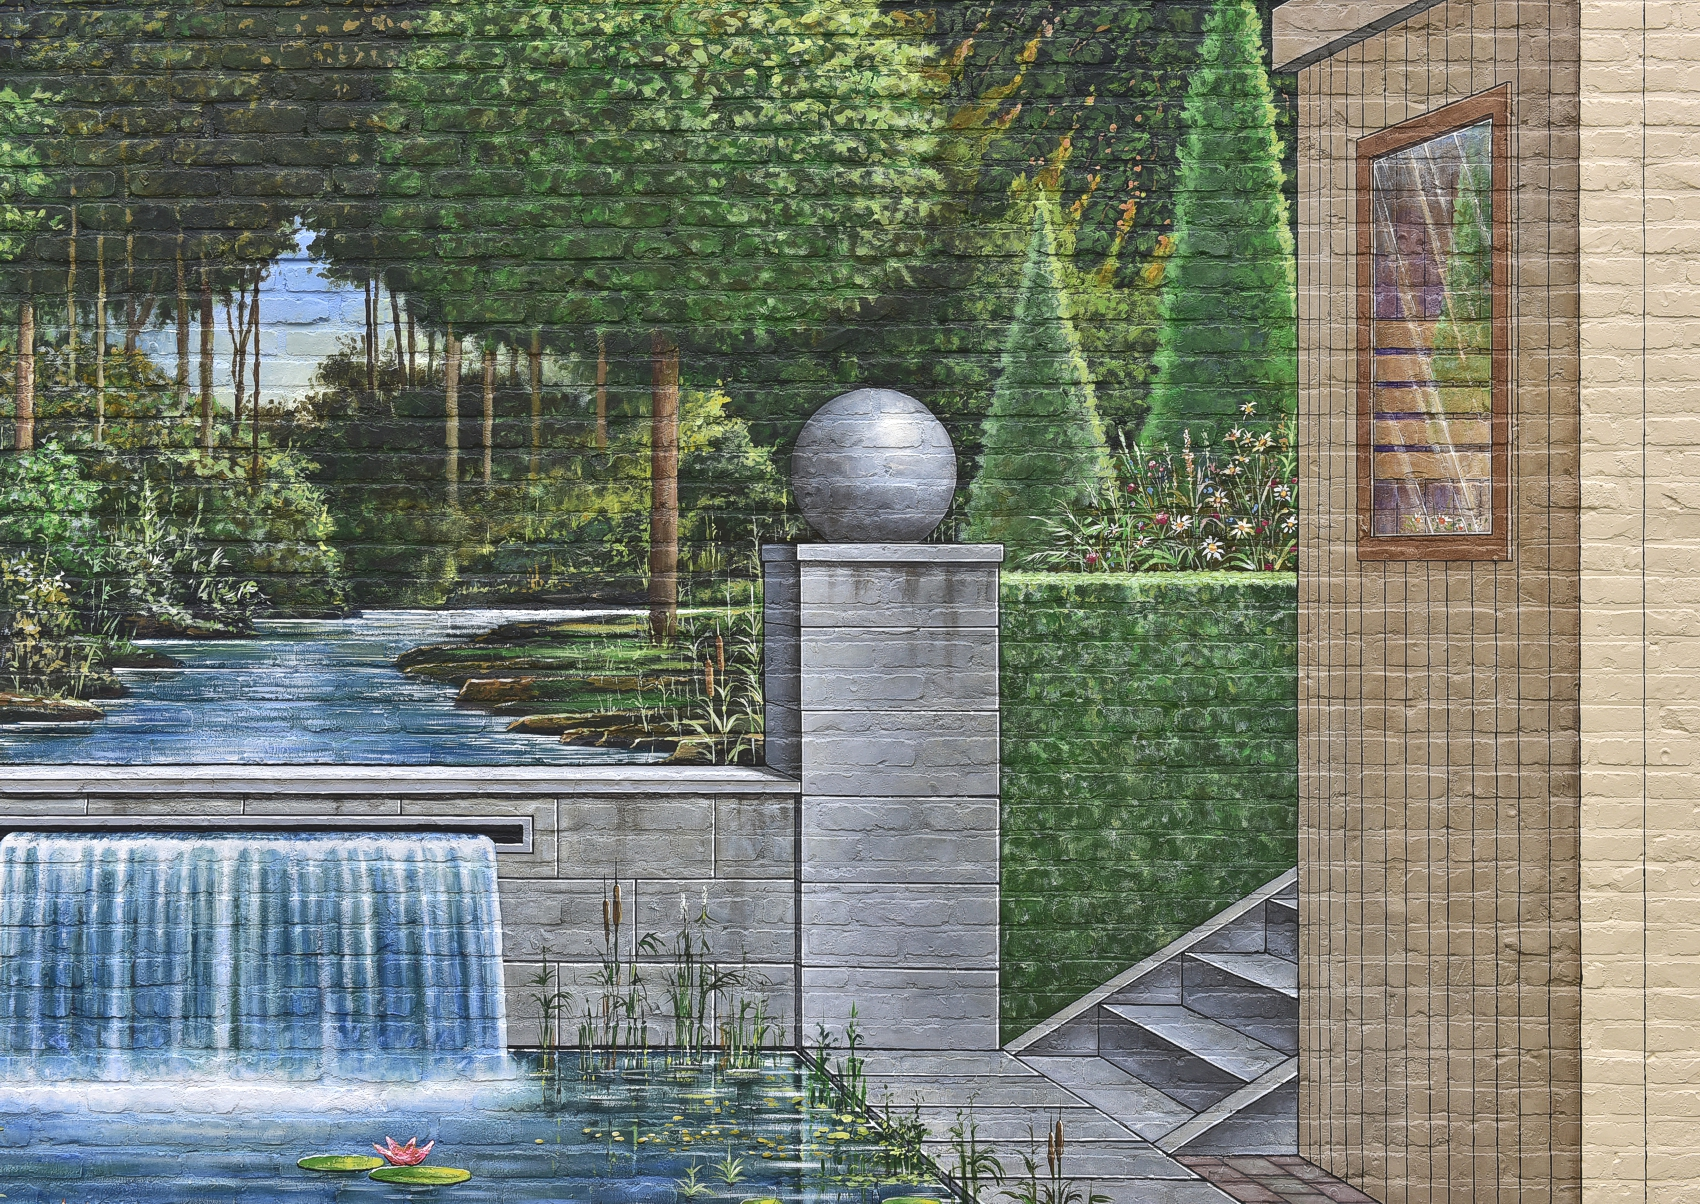 Trompe l 39 oeil muurschildering buiten op een tuinmuur - Deco trompe l oeil muurschildering ...